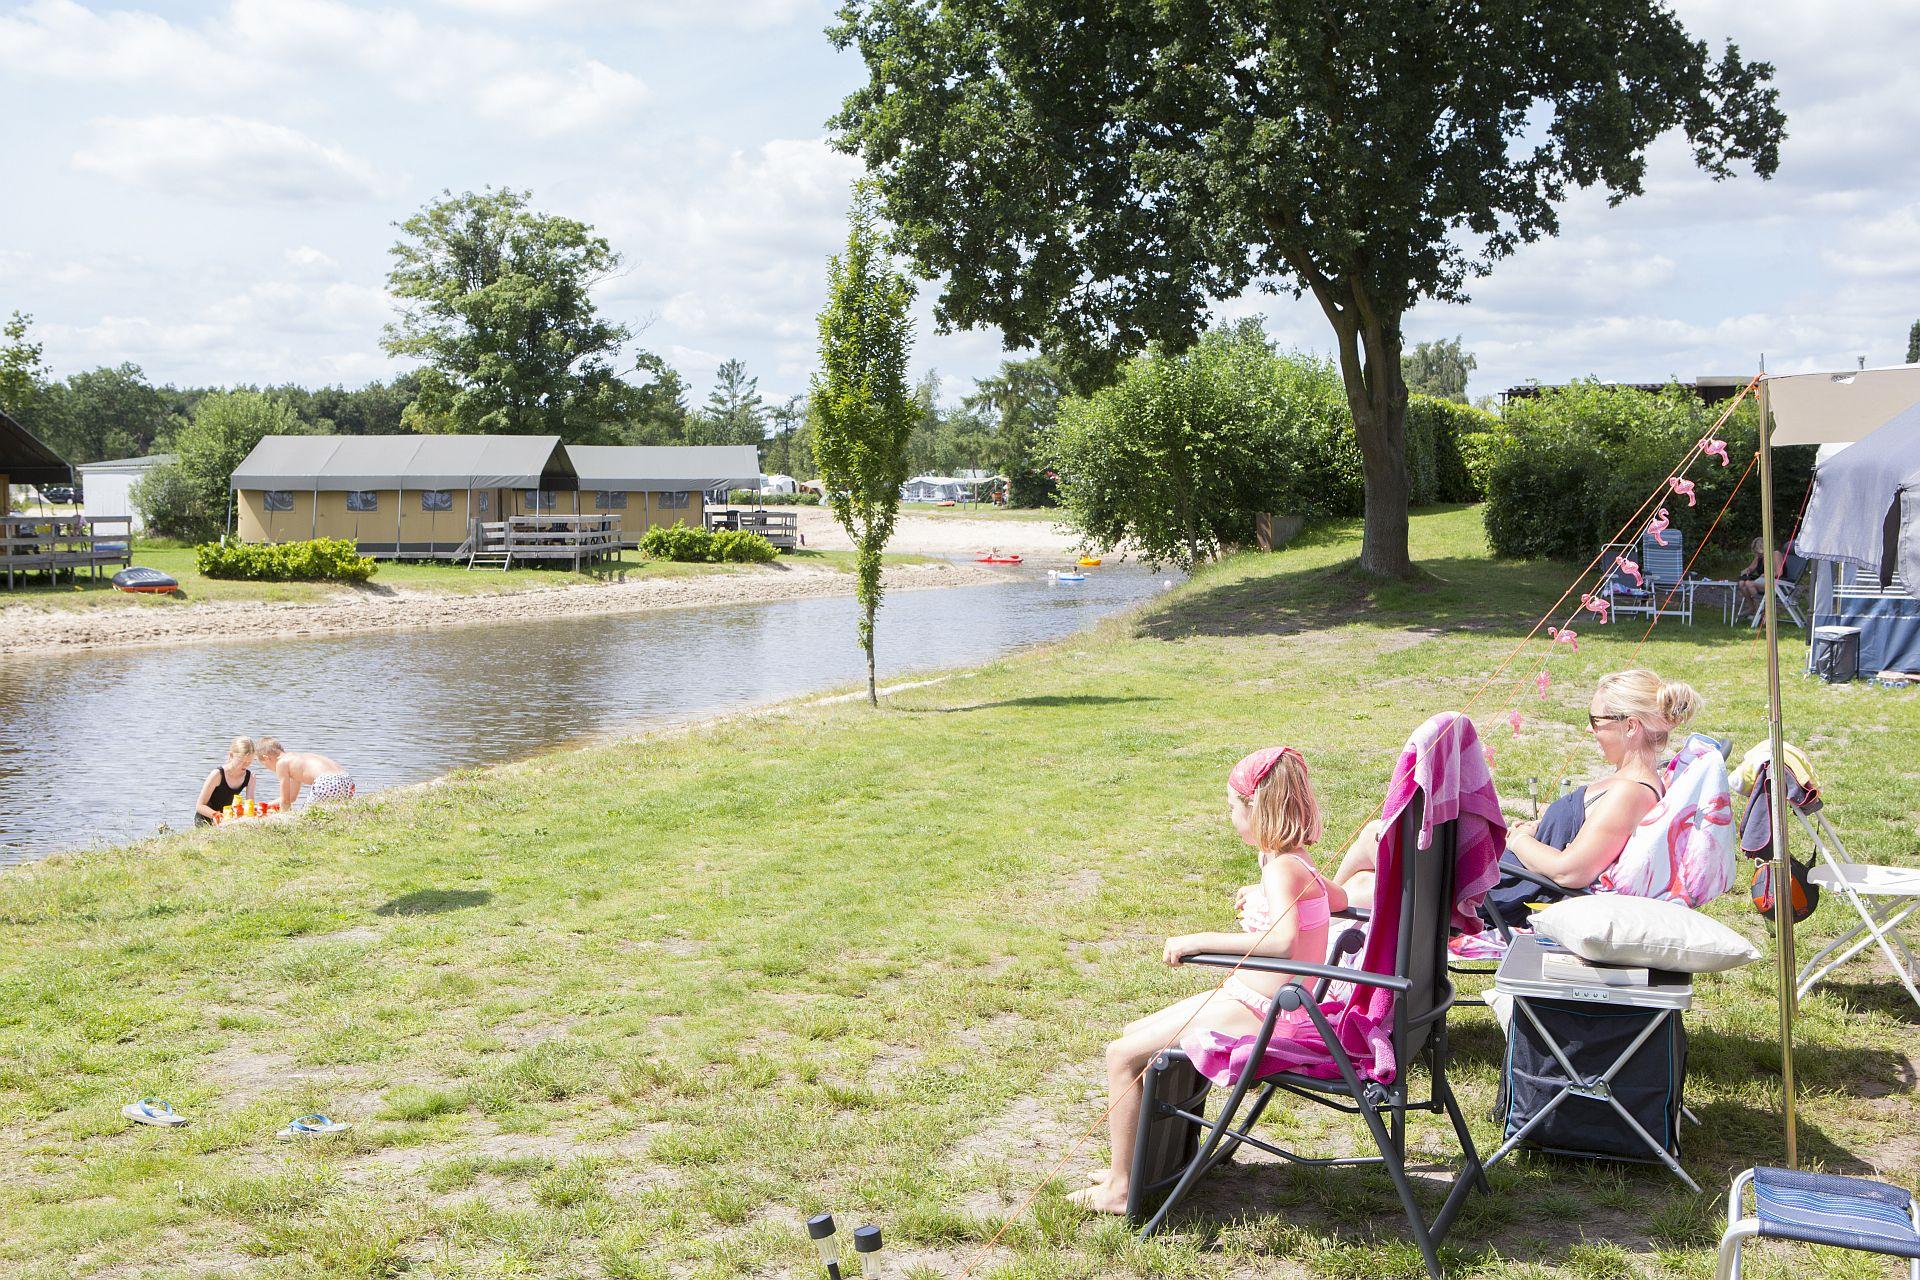 Camping vakantie in Overijssel op Vakantiepark het Stoetenslagh - Camping vakantie in Overijssel NL